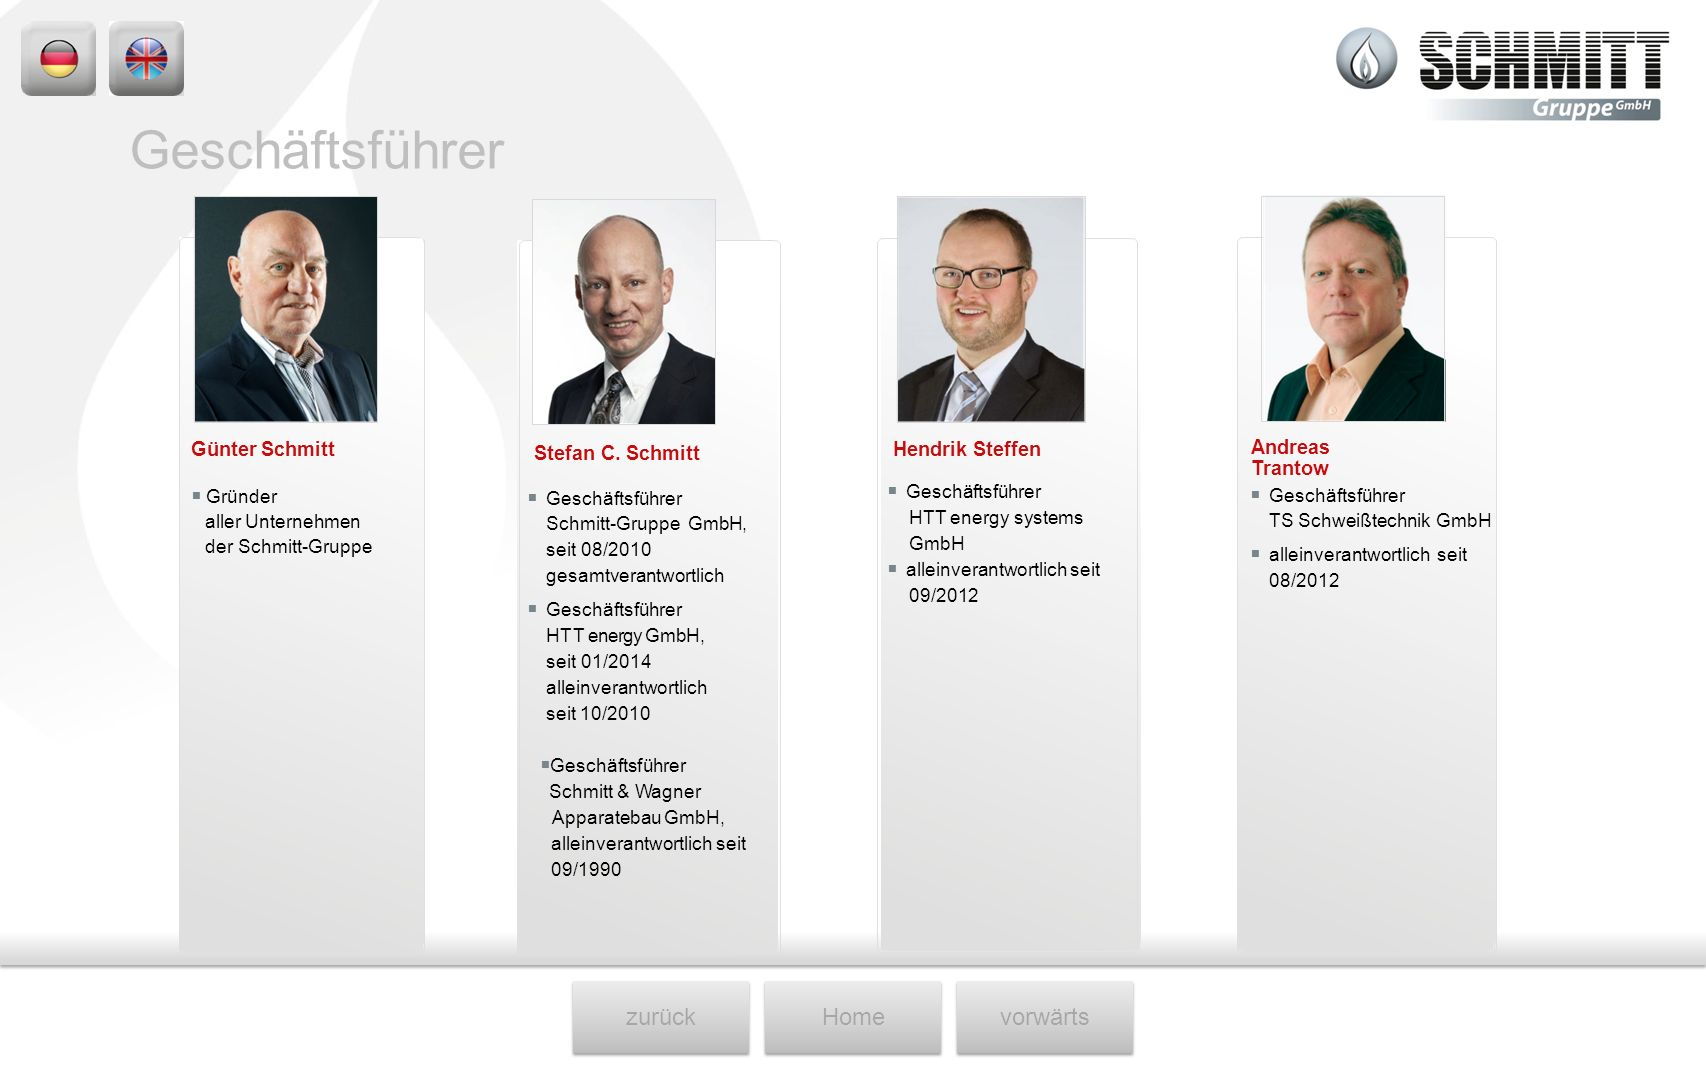 zurückHomevorwärts Fachliche Kompetenz und Leistungsfähigkeit durch die langjährige partnerschaftliche Zusammenarbeit zwischen Andreas Trantow und der Schmitt-Gruppe GmbH.